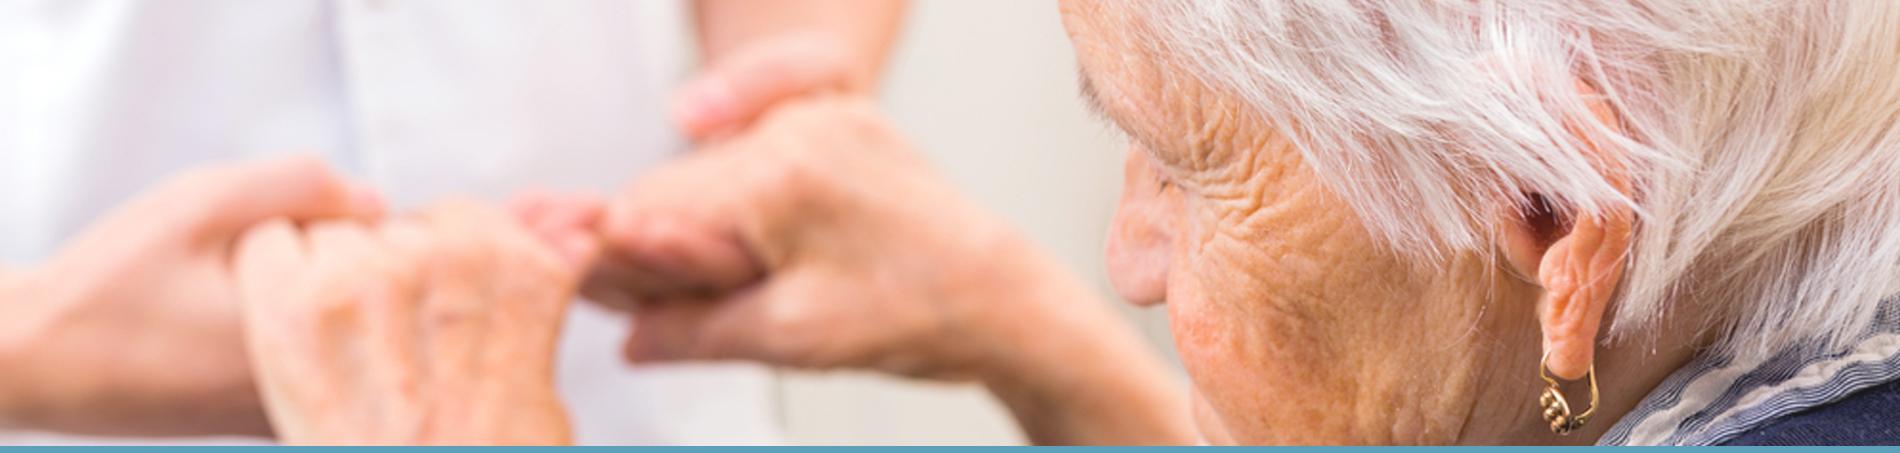 Diagnosi e prevenzione della malattia di Alzheimer